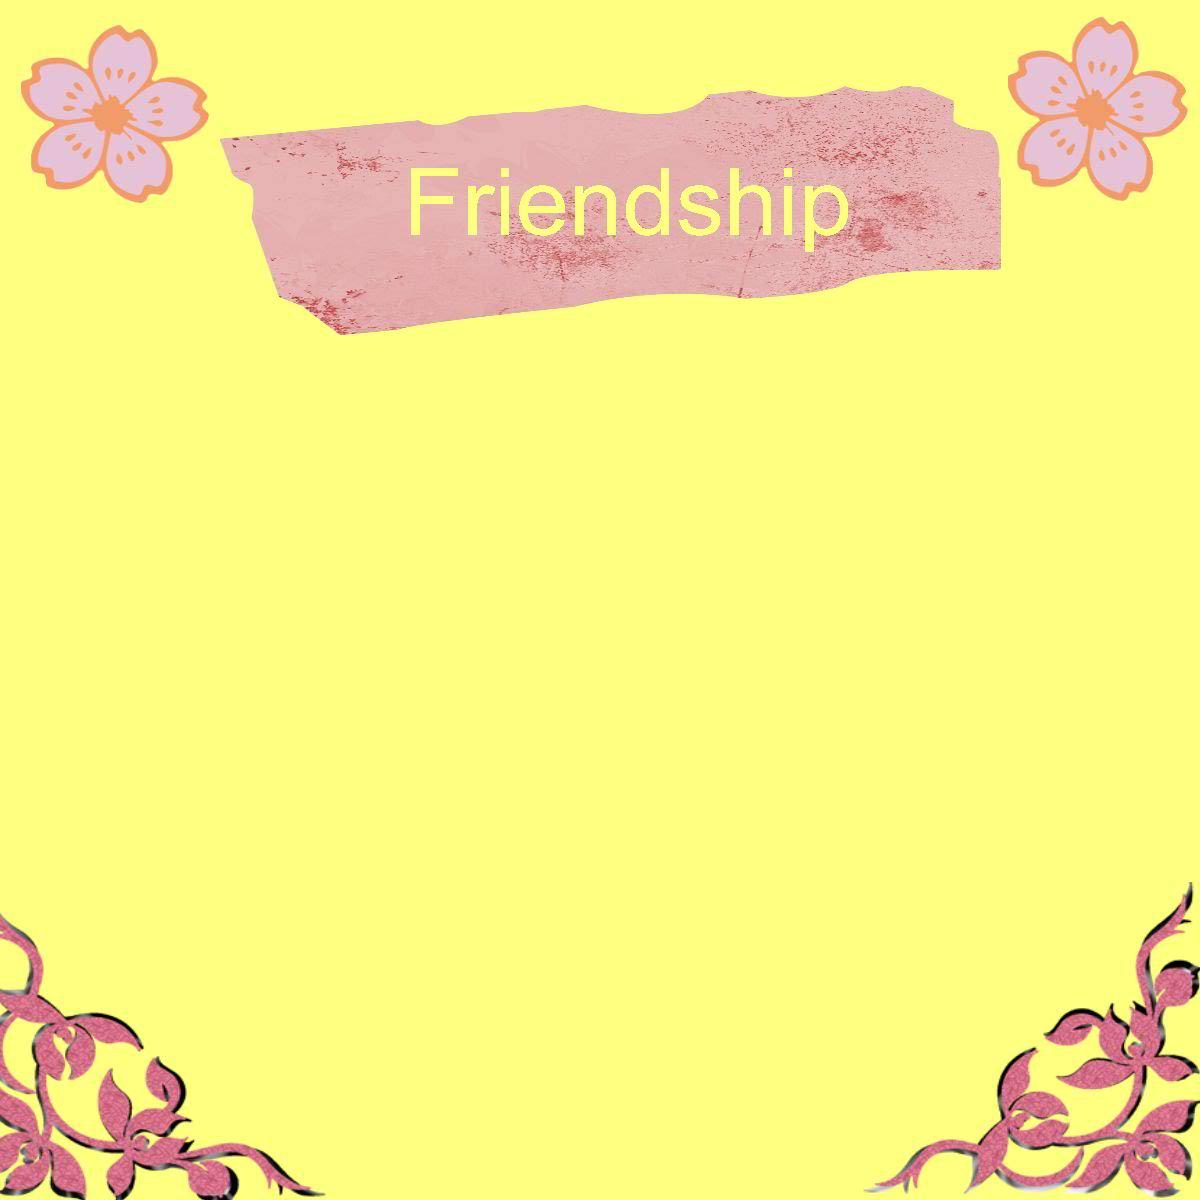 Friendship Background 5898 - HDWPro